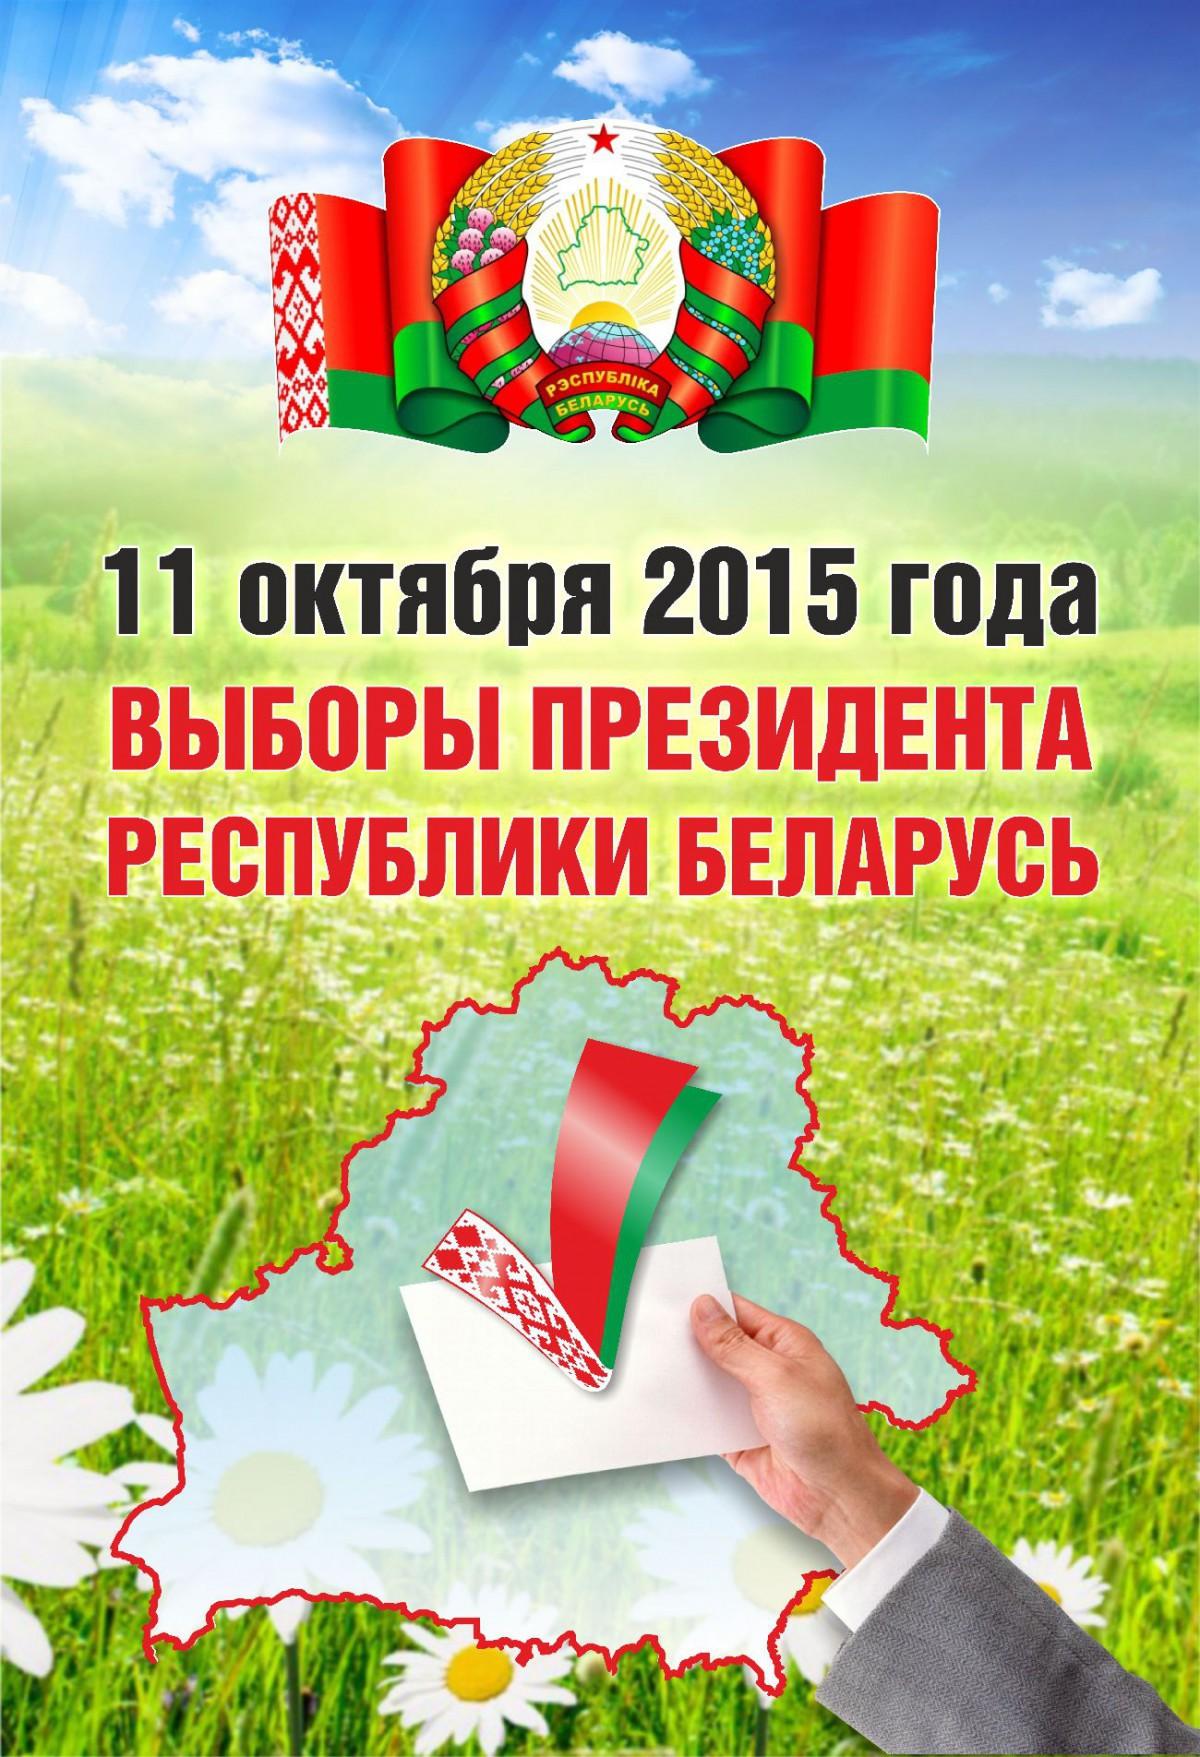 За три дня досрочного голосования в Бобруйском районе проголосовали 16,4% избирателей